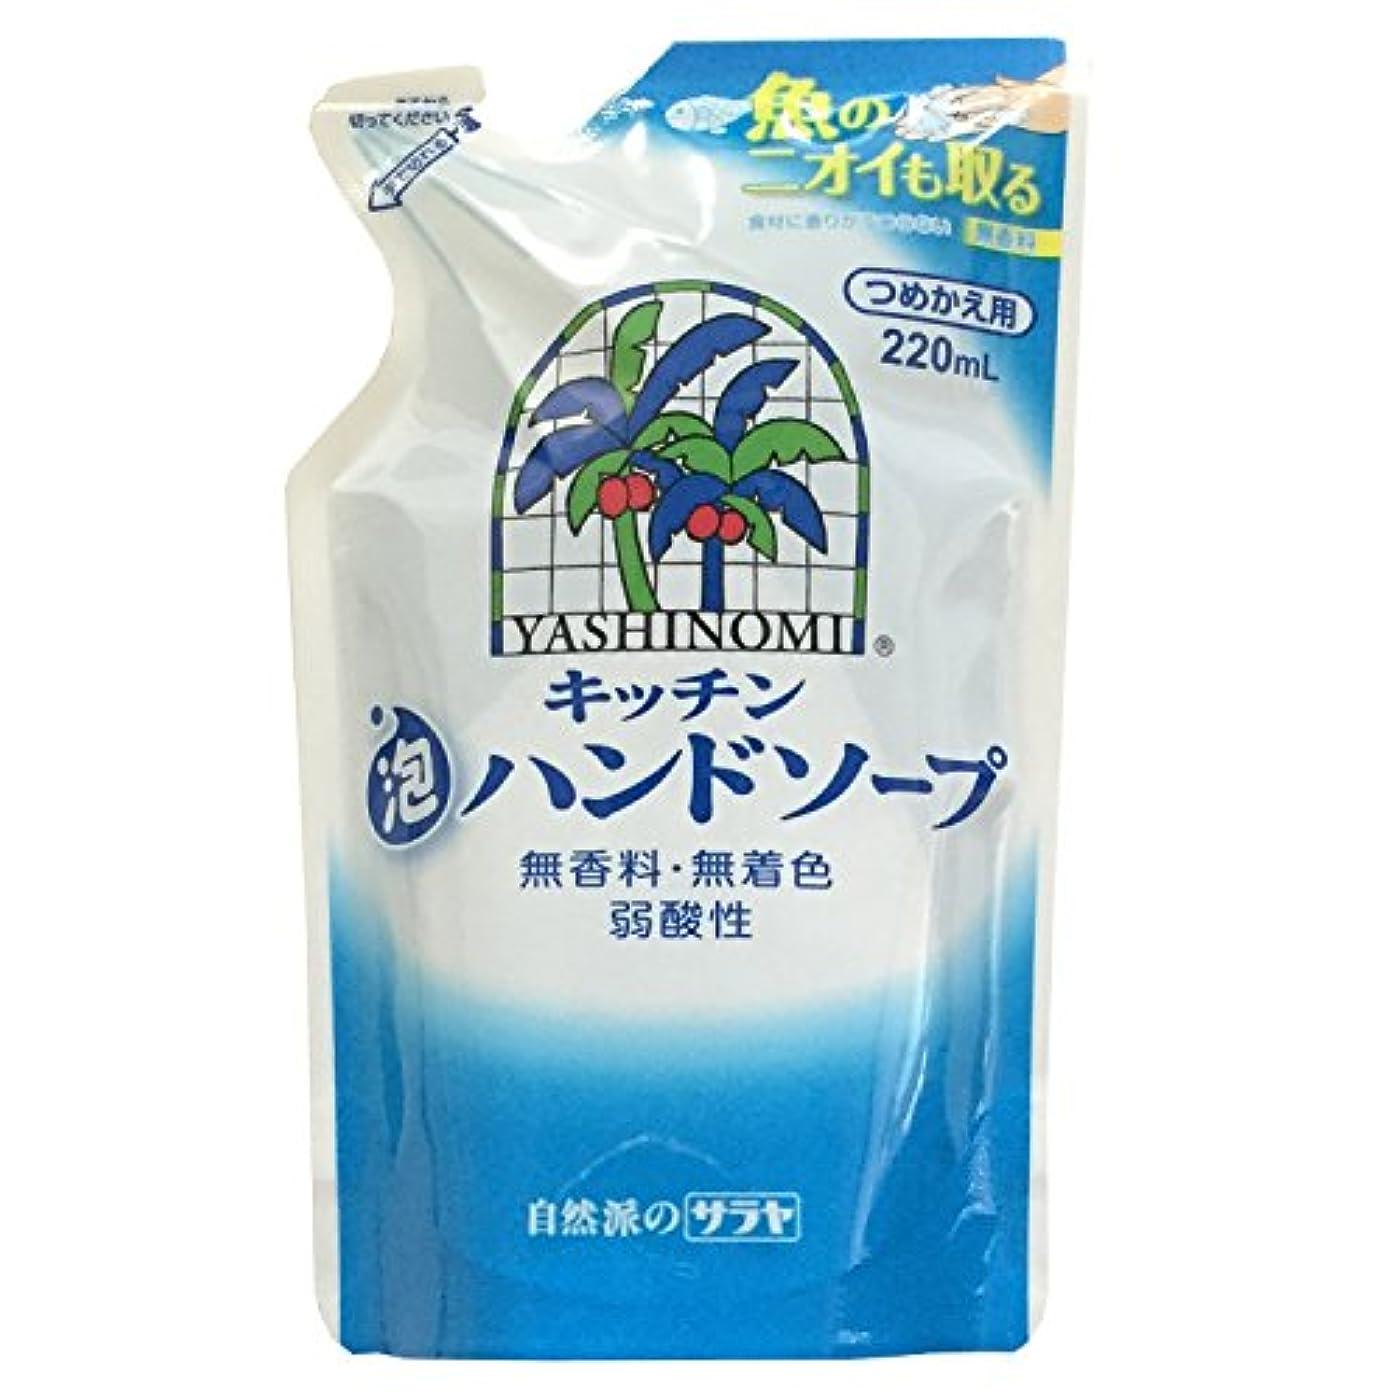 鯨象博覧会【まとめ買い】ヤシノミ キッチン泡ハンドソープ つめかえ用 220ml 24個入り ケース販売